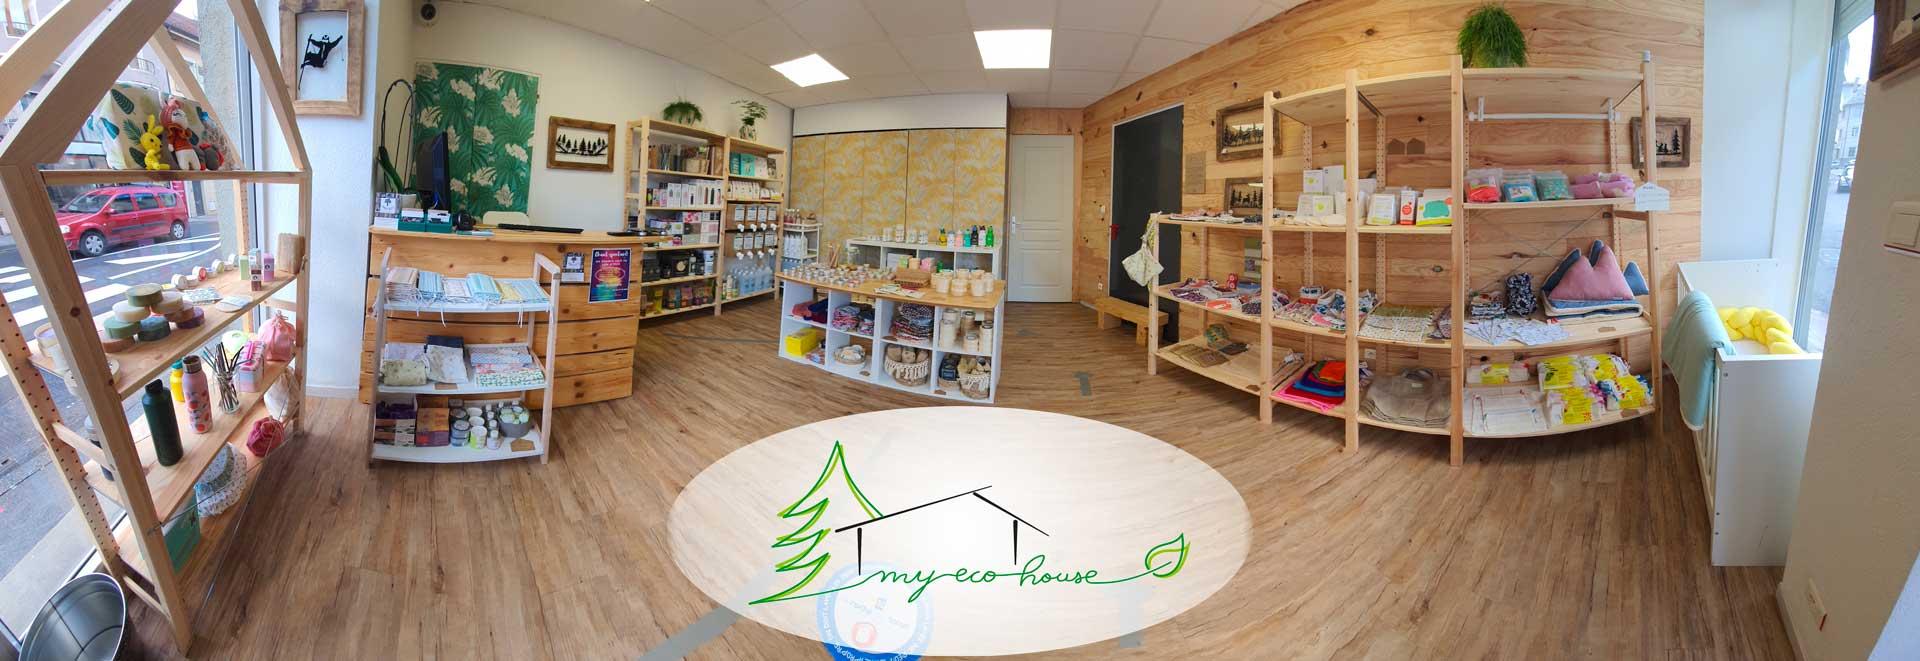 Boutique zéro déchet My Eco House La Roche sur Foron 74800 Haute Savoie